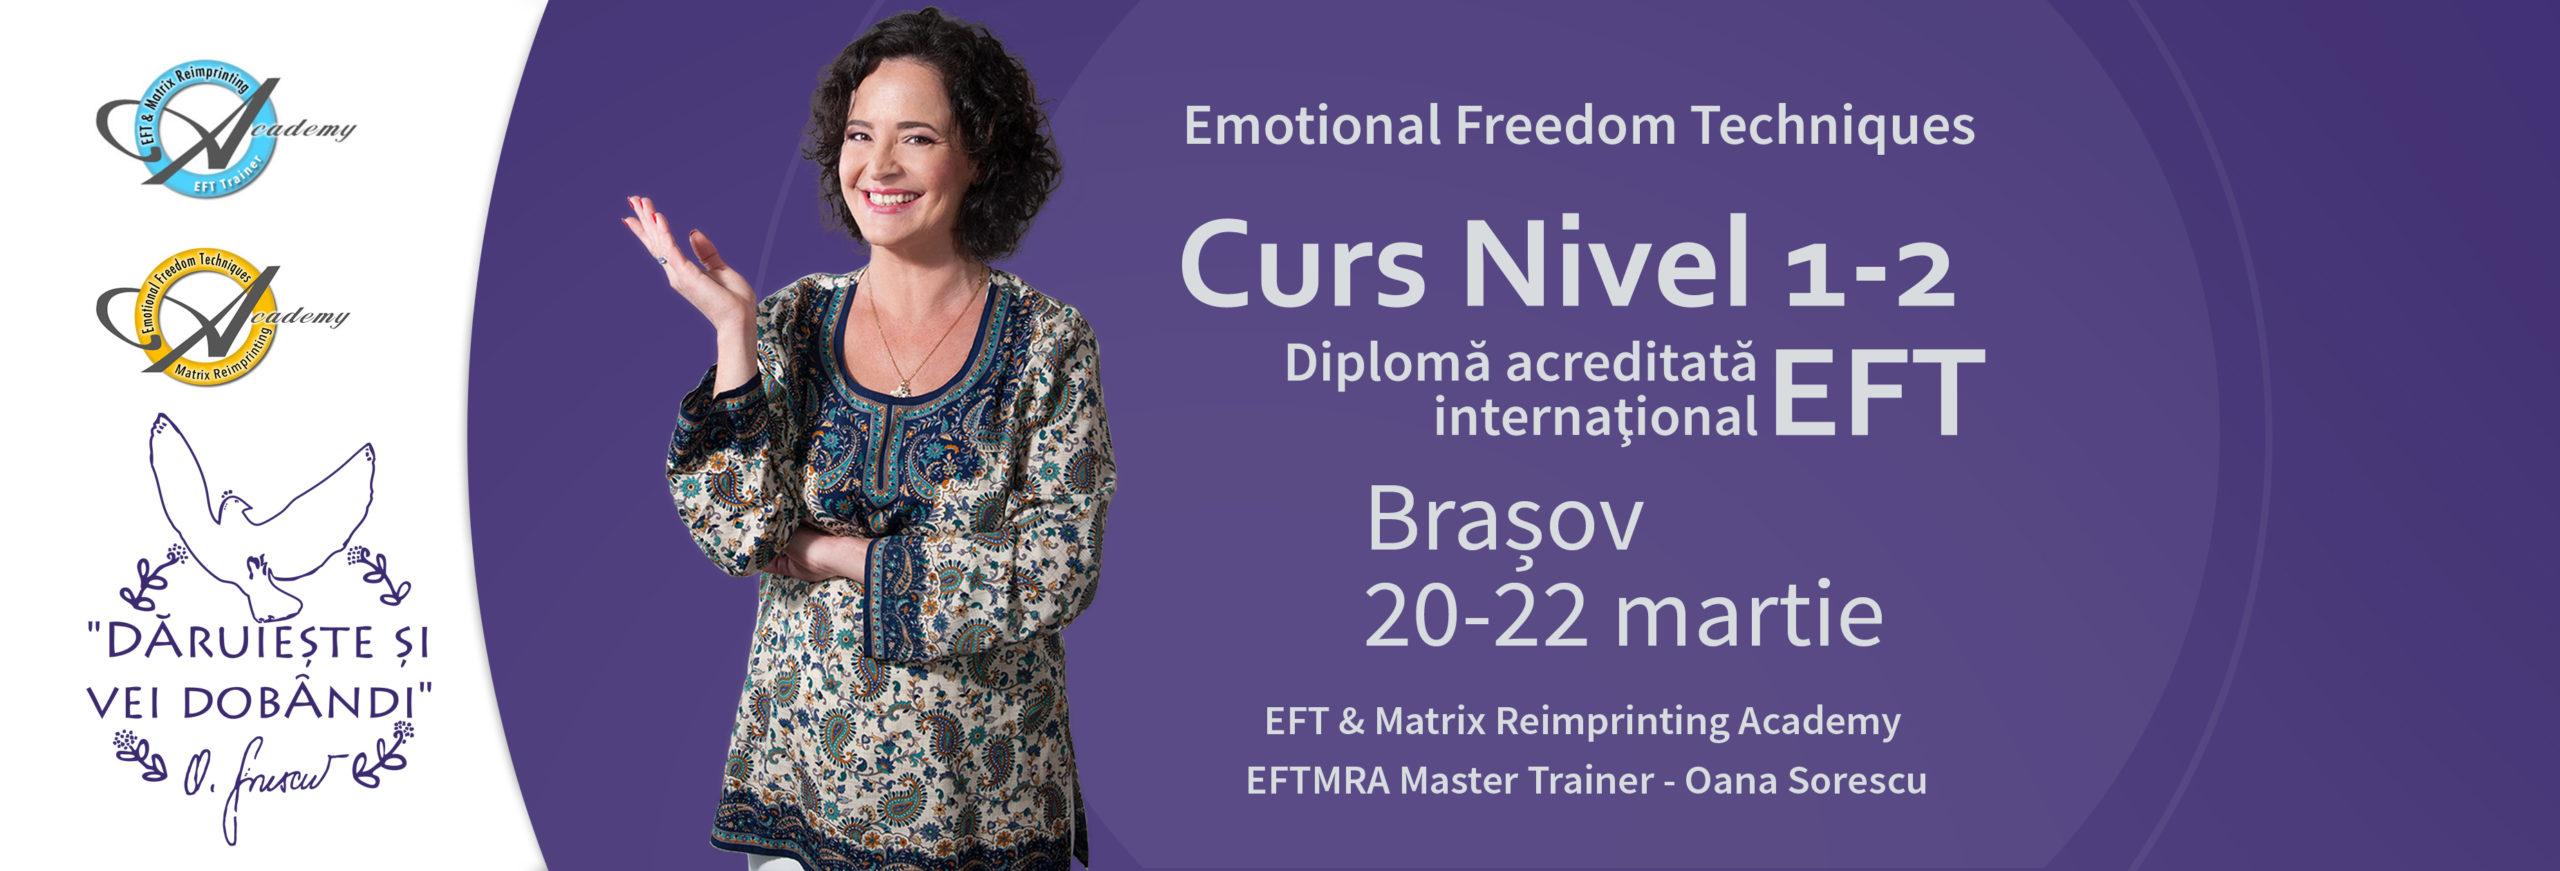 Curs EFT Brasov